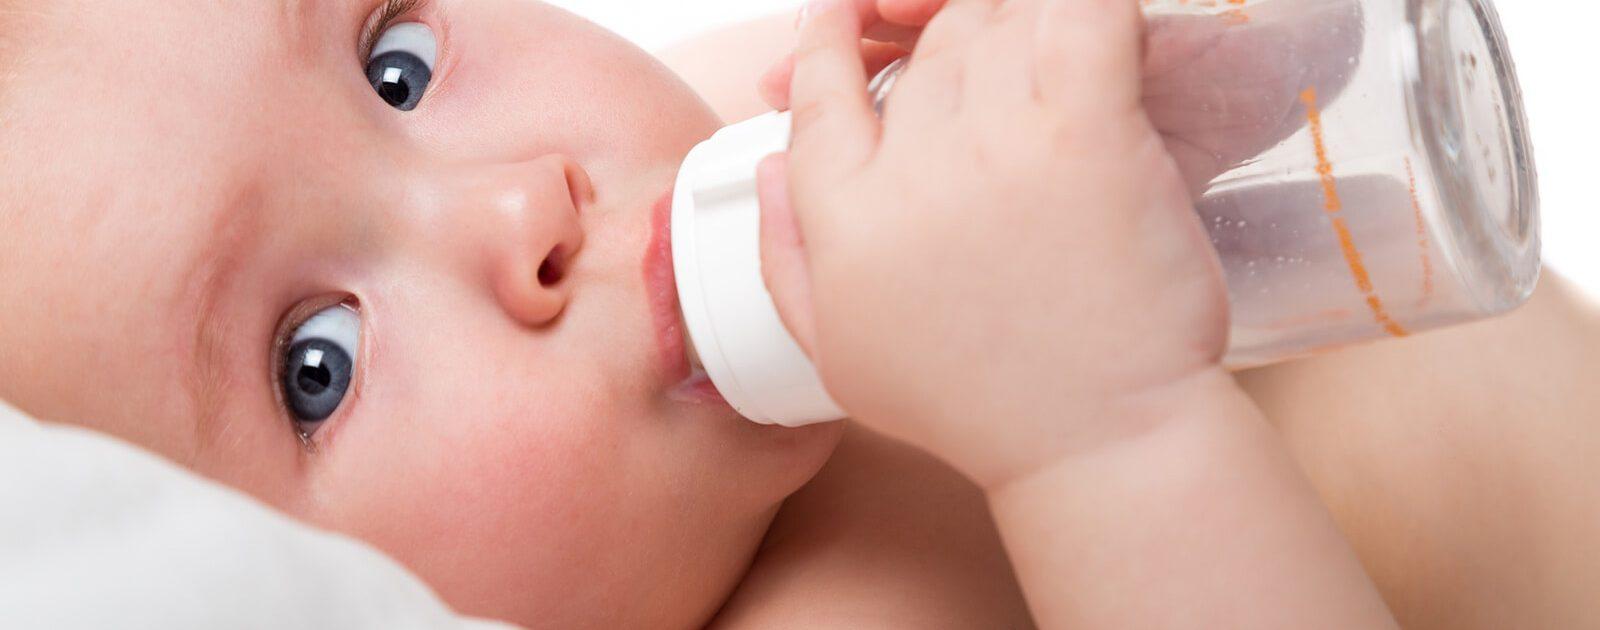 Große, hellwache Augen eines Babys. Doch ab wann können Säuglinge sehen?